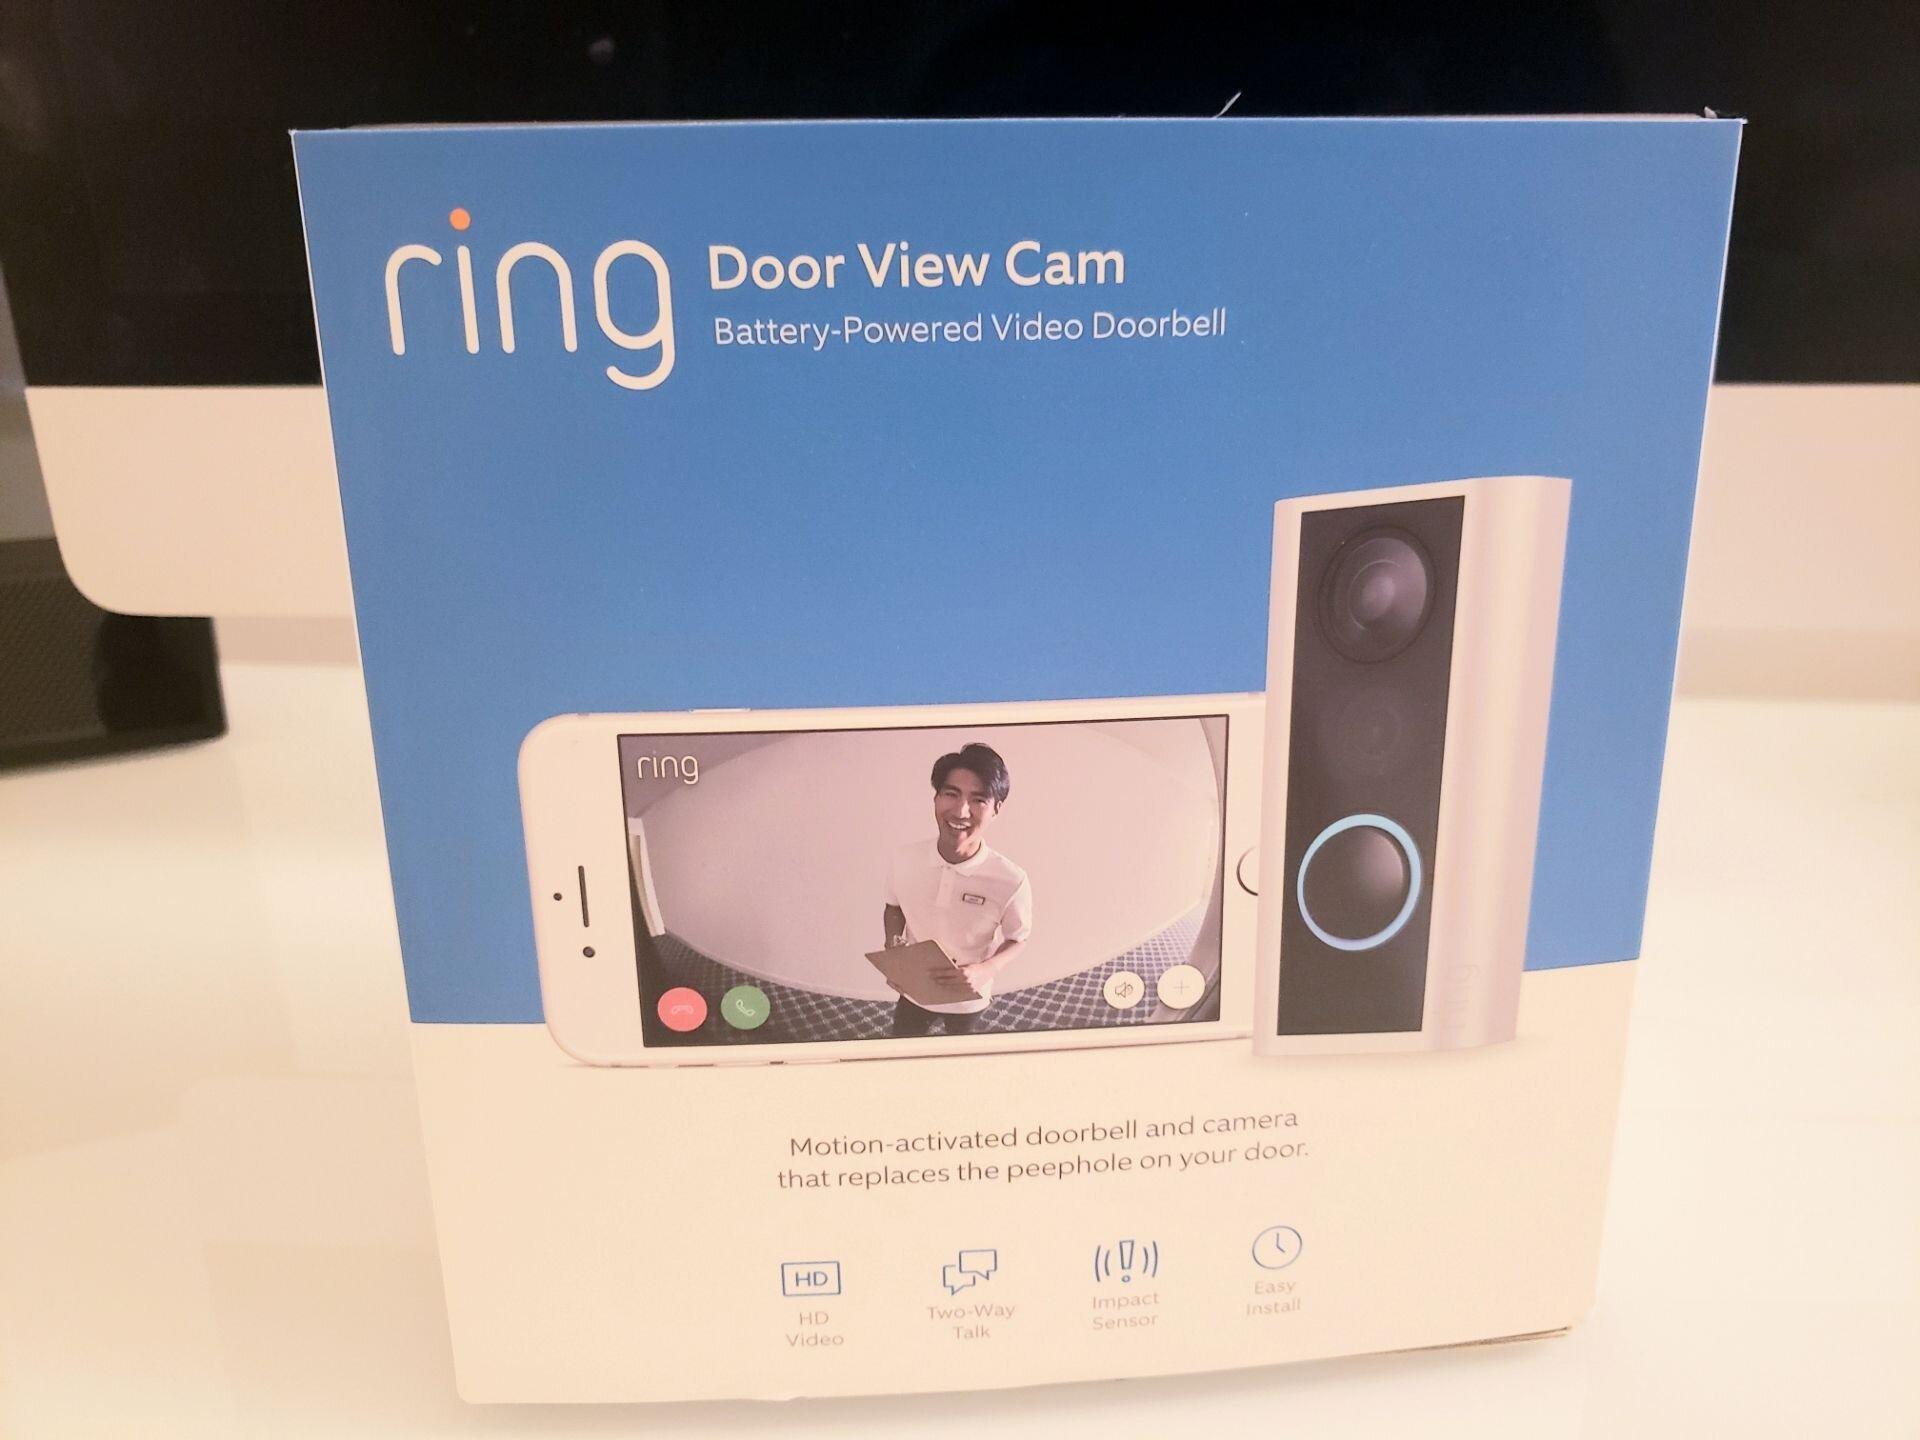 Best Battery Powered Video Doorbells: Ring Door View Cam is a great option.